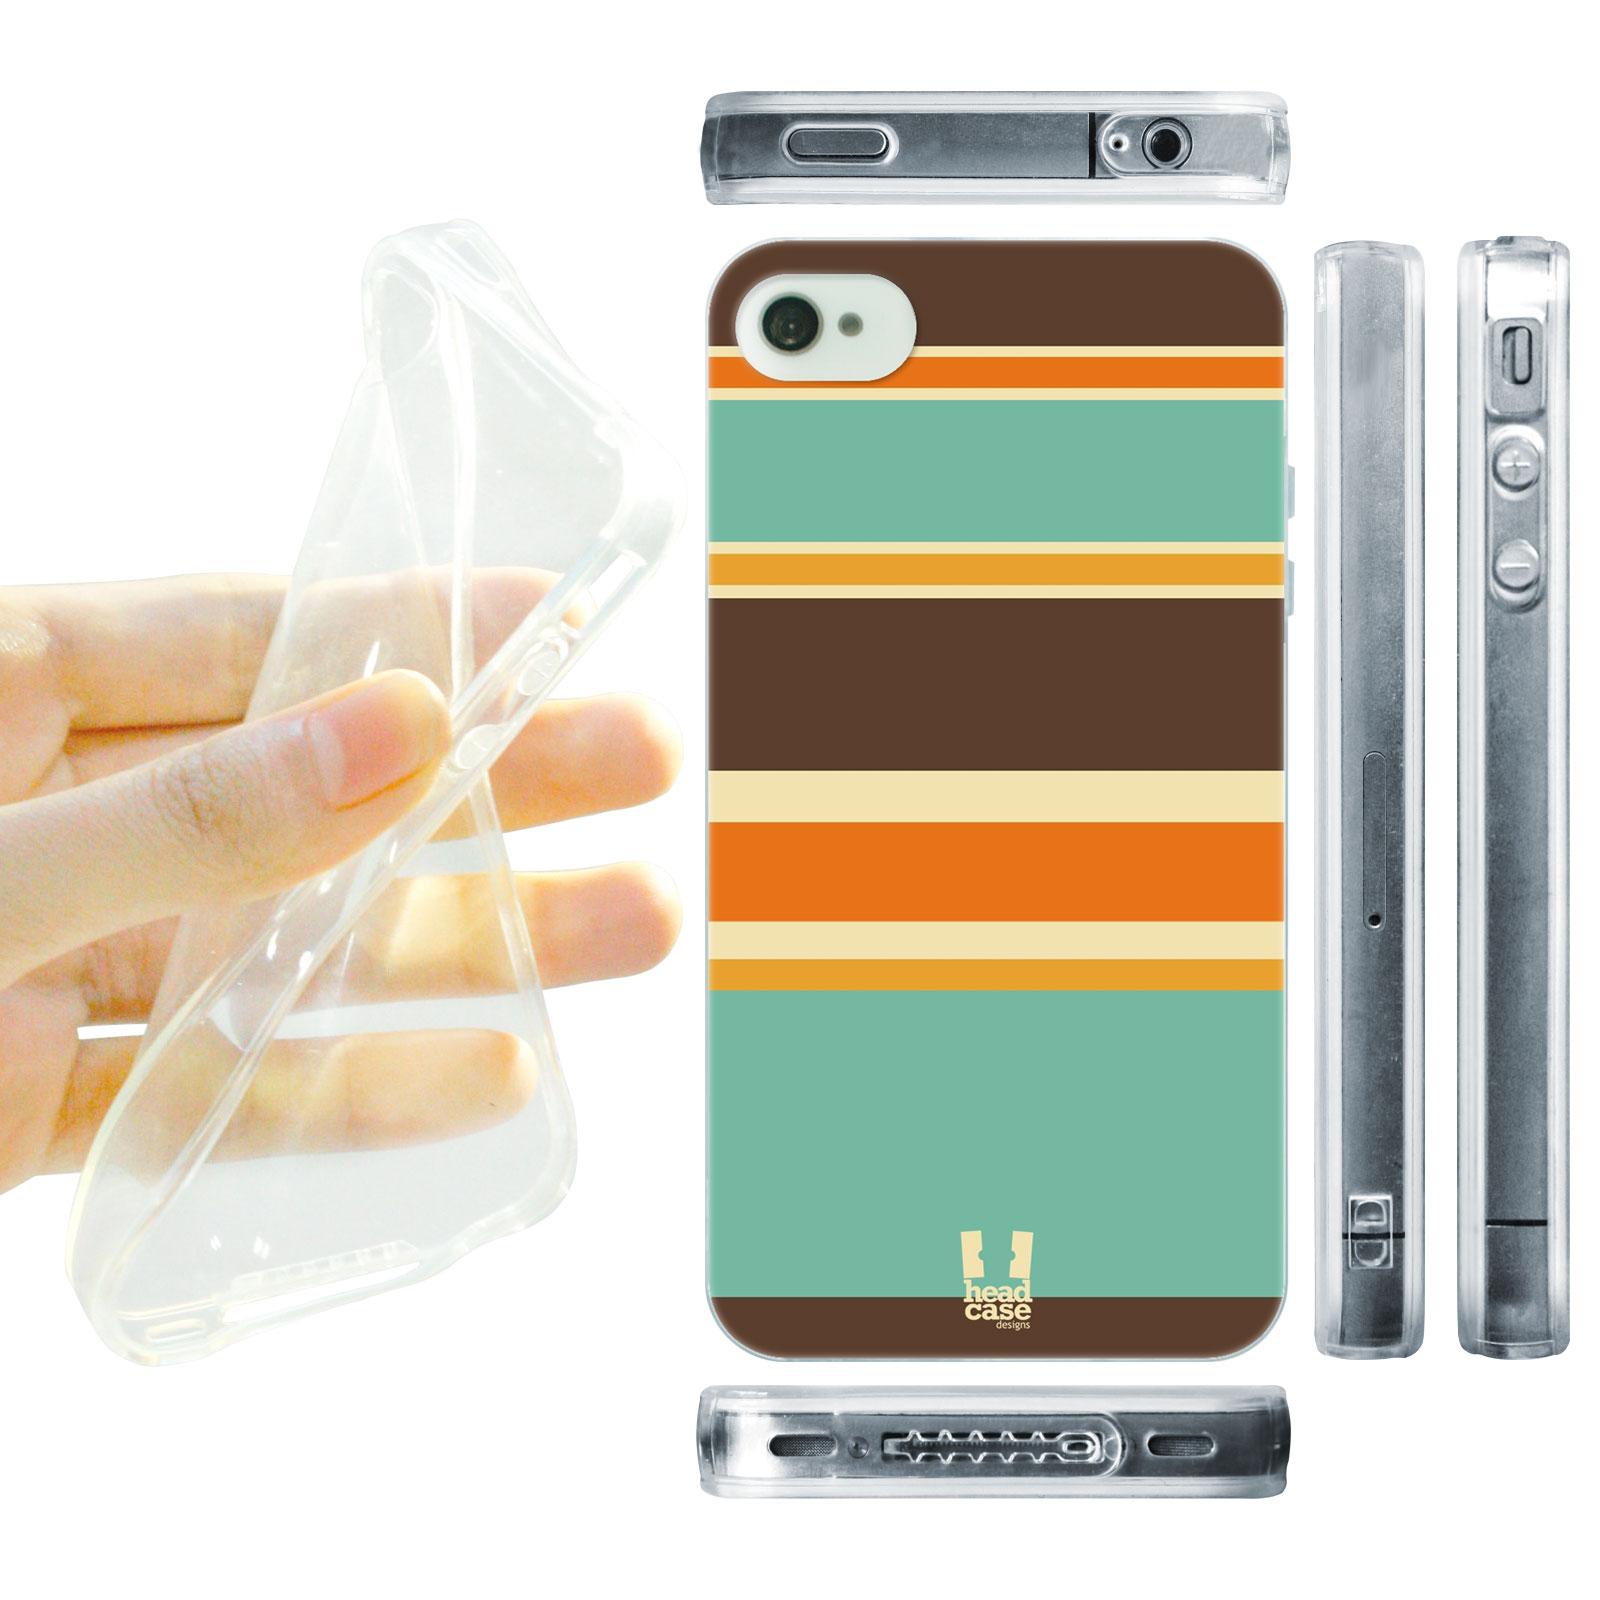 HEAD CASE silikonový obal na mobil Iphone 4/4S barevné pruhy hnědá a oranžová